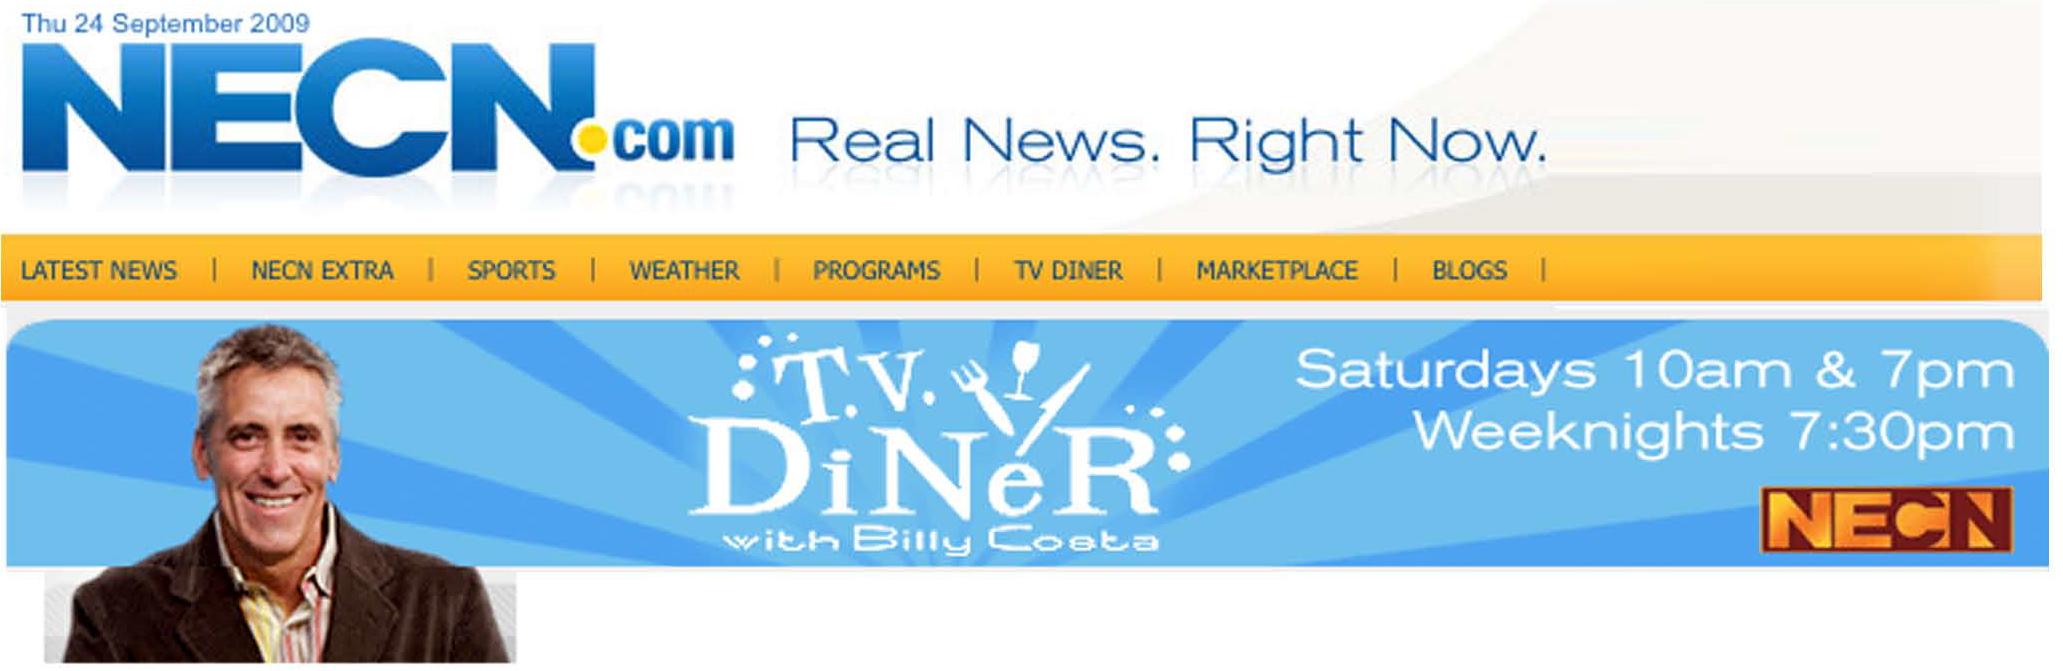 NECN,  T.V. Diner, Billy Costas, Mark Gaier, Clark Frasier, Blueberries,